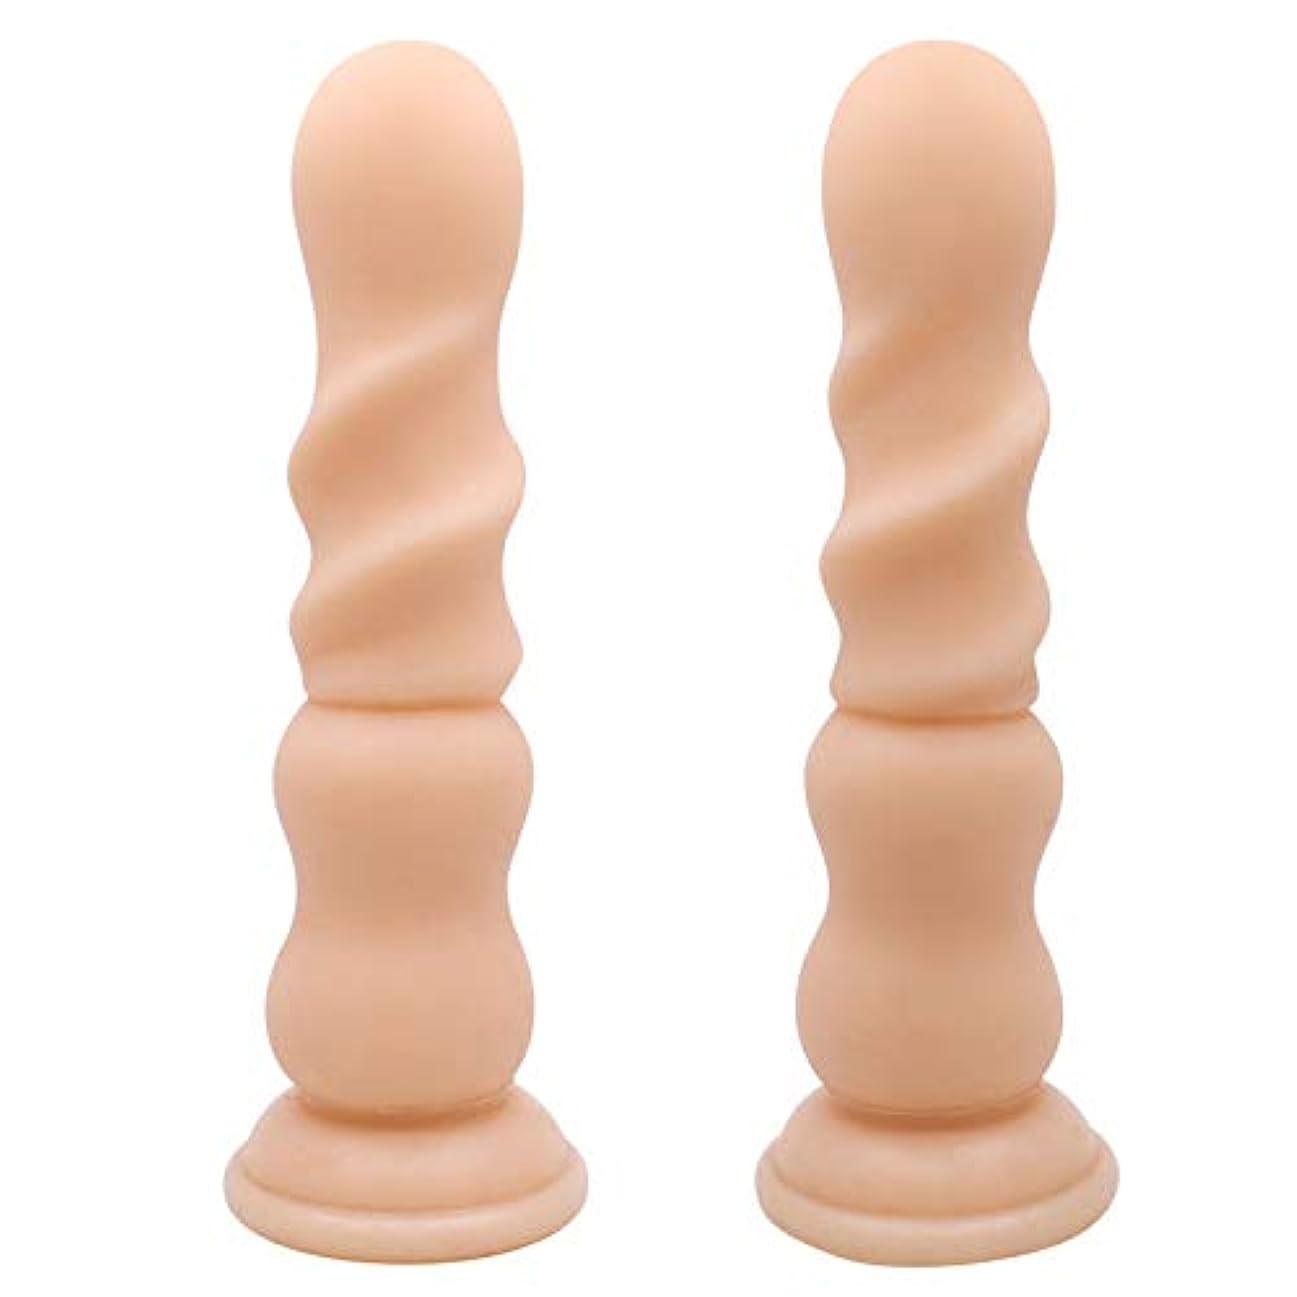 理論うれしい悪性のディルド、シリコーンシミュレーションペニススレッドアナルプラグ女性オナニーマッサージャー防水大人の大人のおもちゃ21センチ